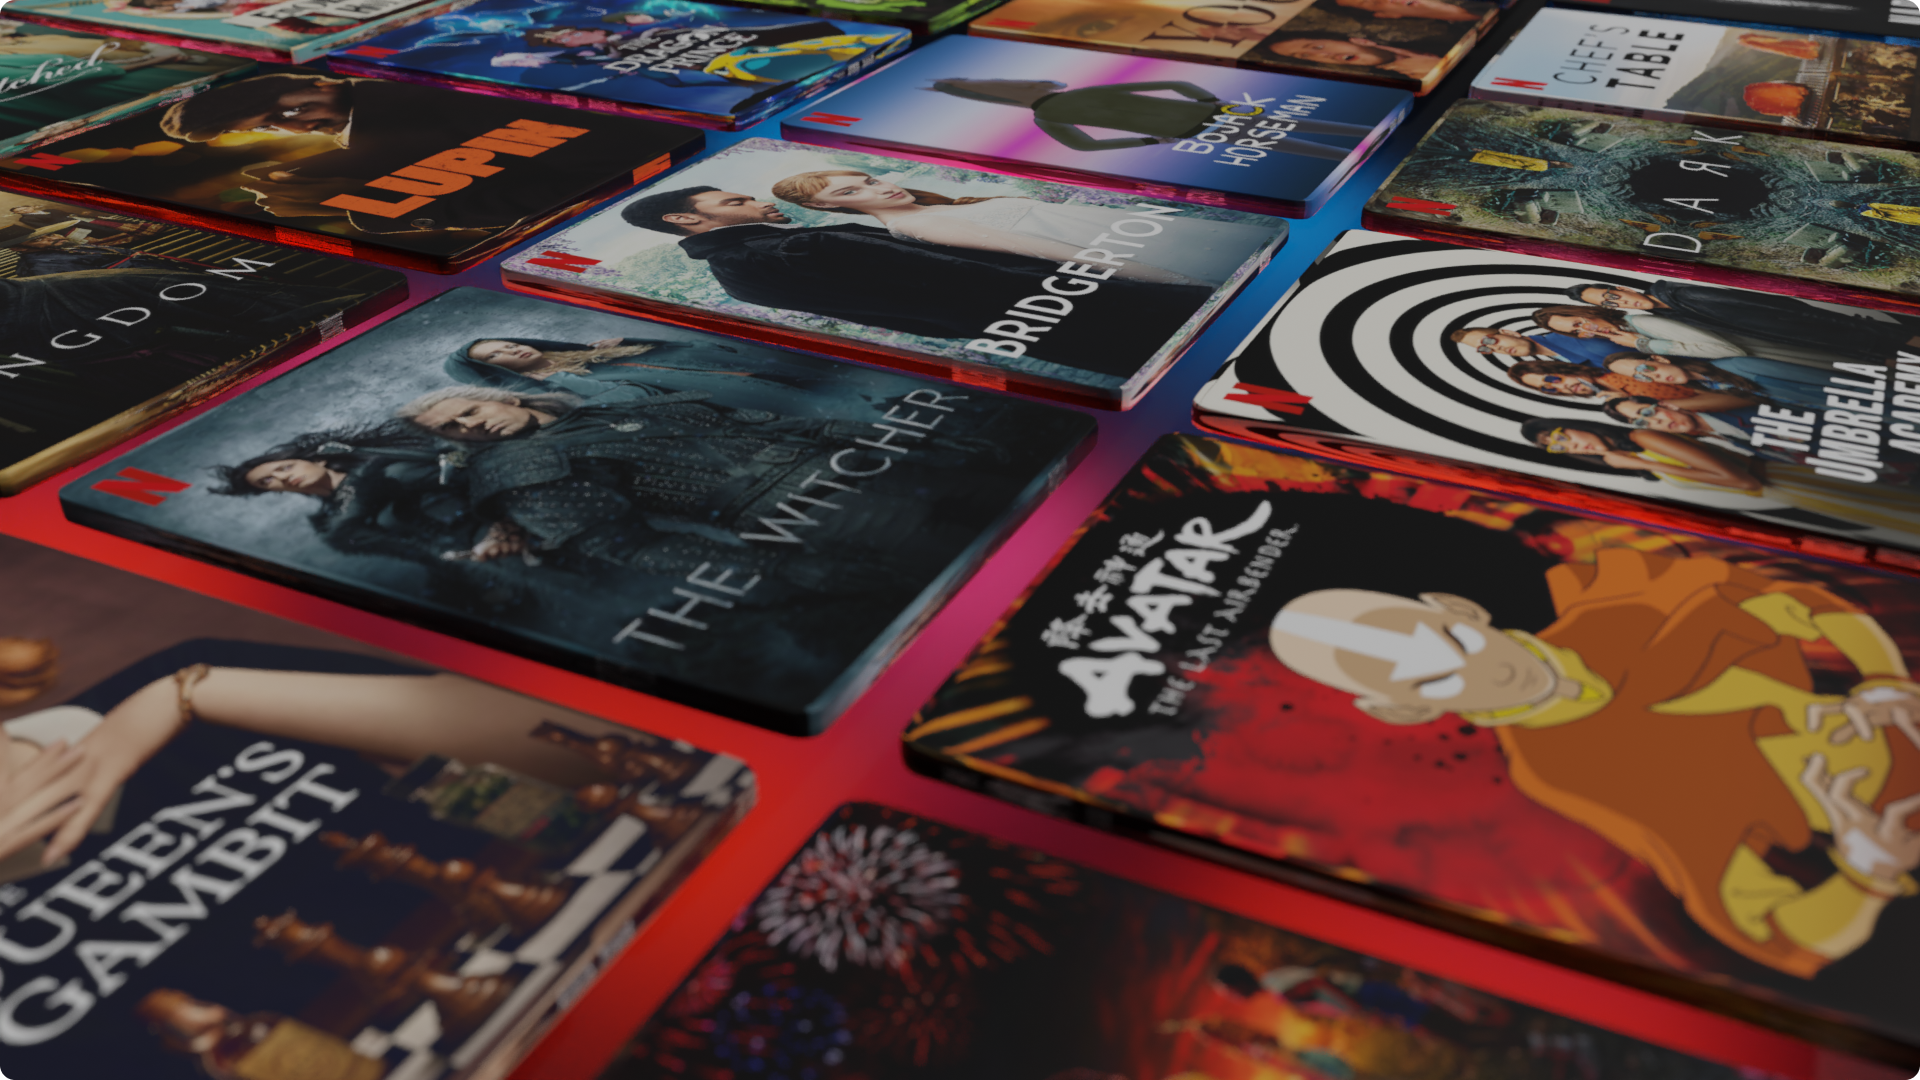 Fileiras de imagens anguladas mostrando várias séries e filmes da Netflix